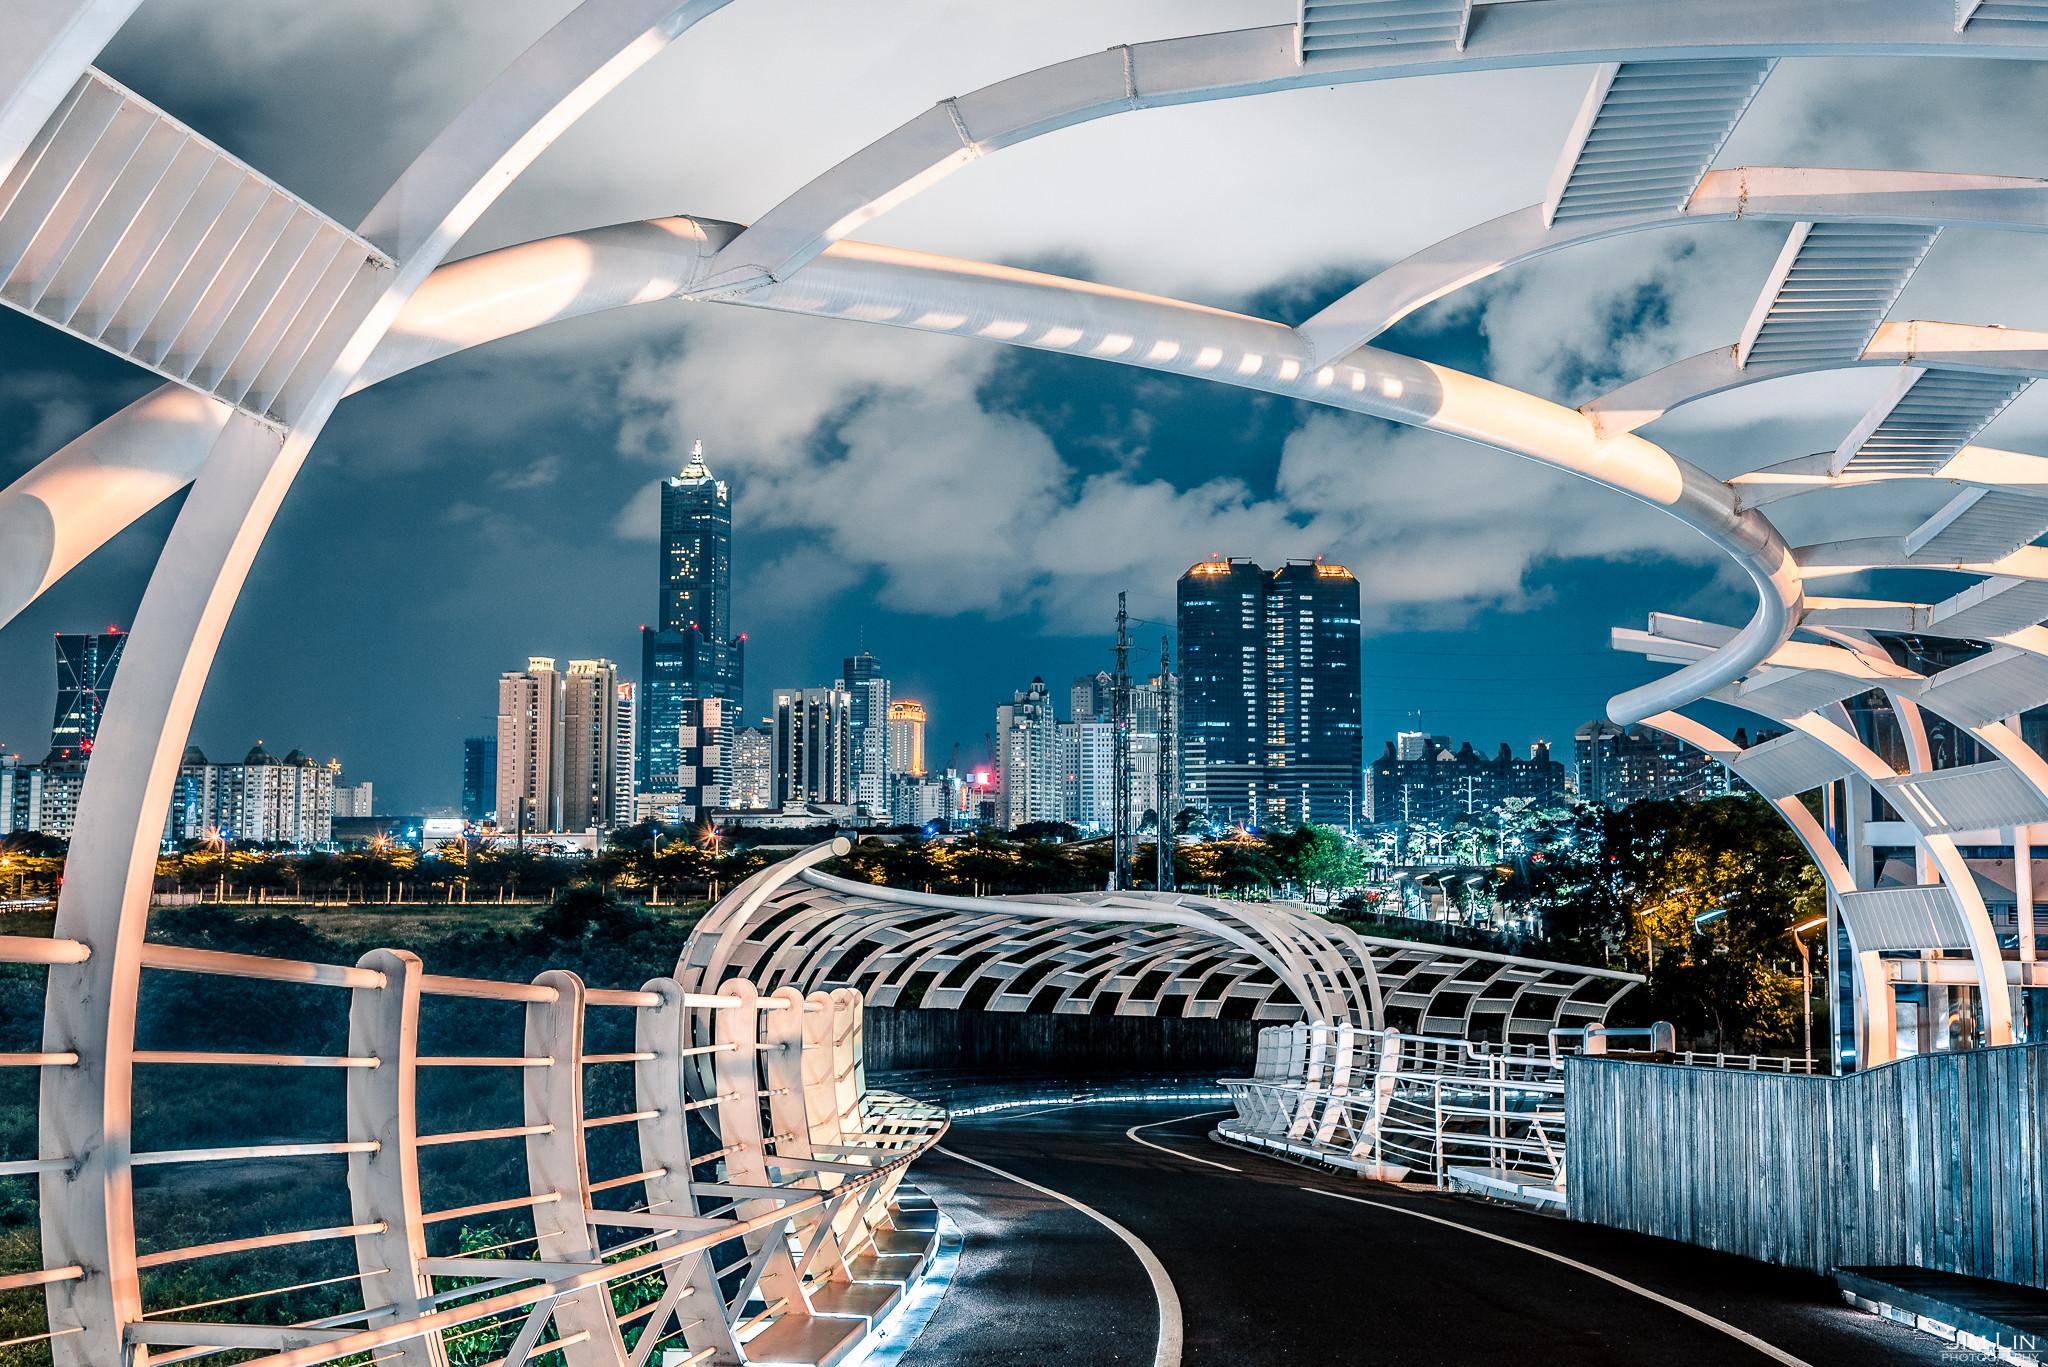 ▲全台最美「空中自行車道」 乘著晚風飽覽高雄港都夜景(圖/攝影師Jim Lin提供)